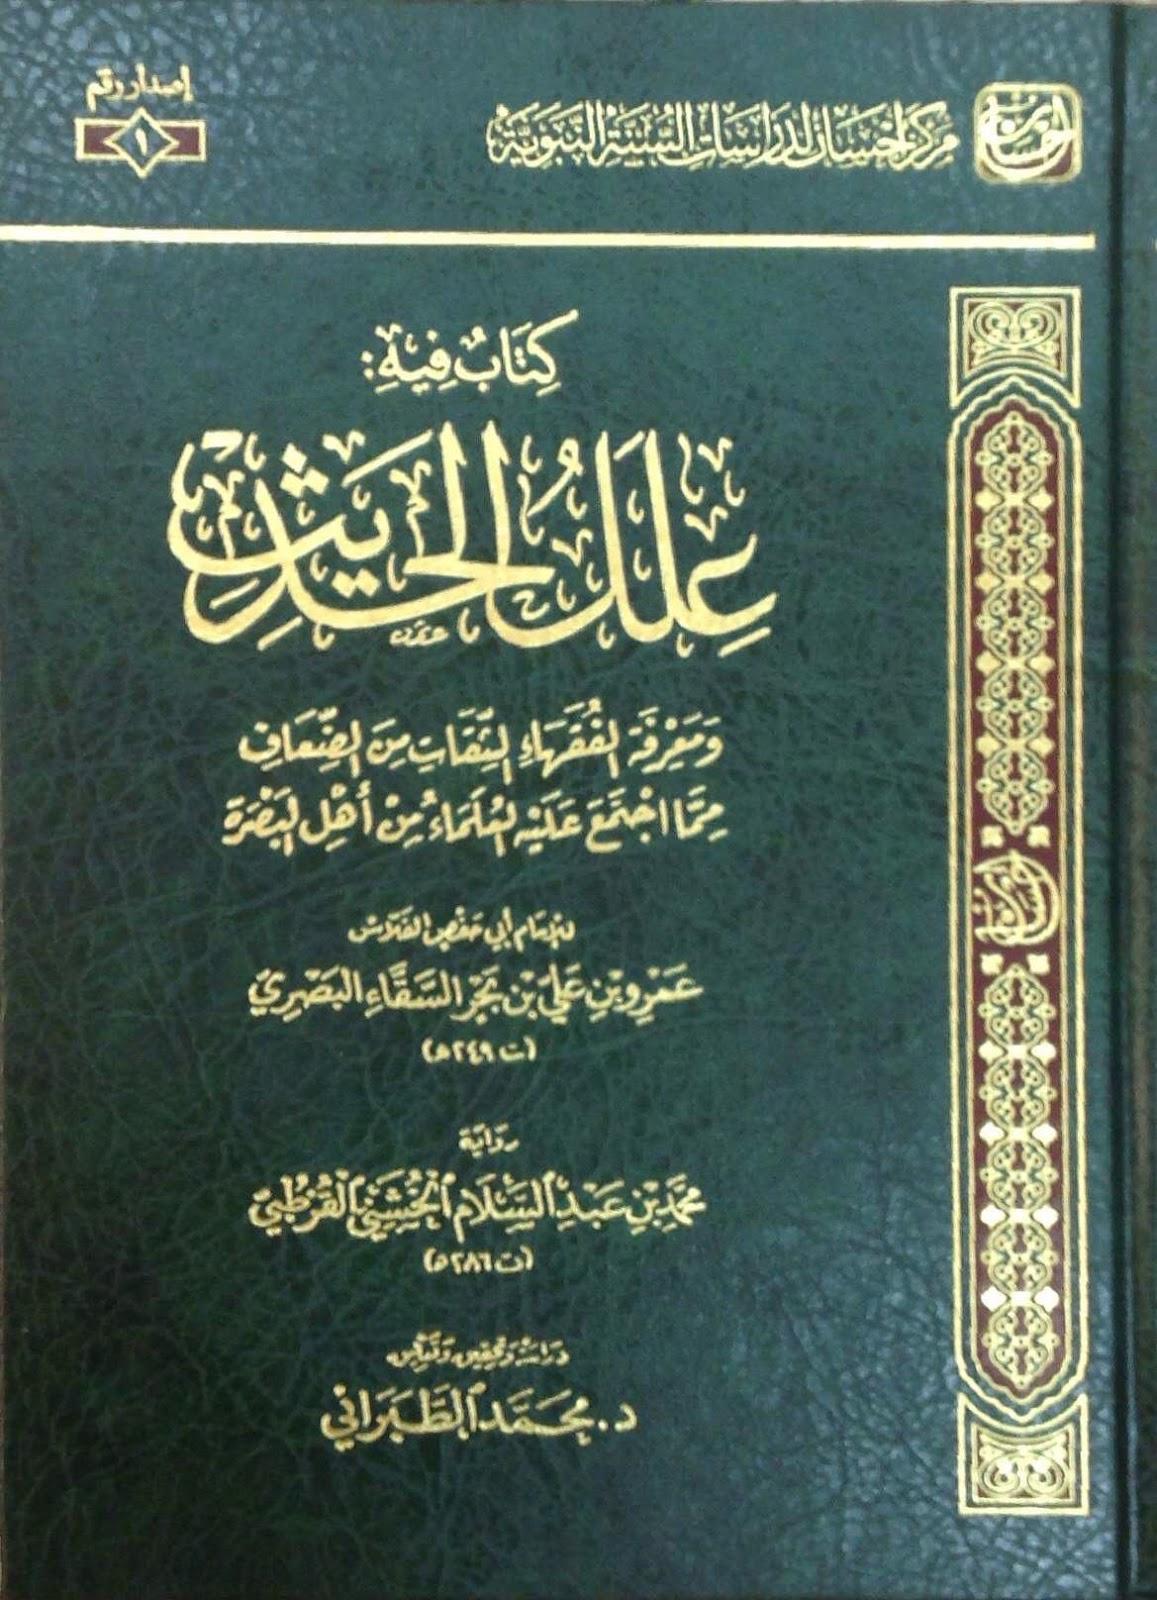 تحميل كتاب الجفر للامام ابى العزائم pdf